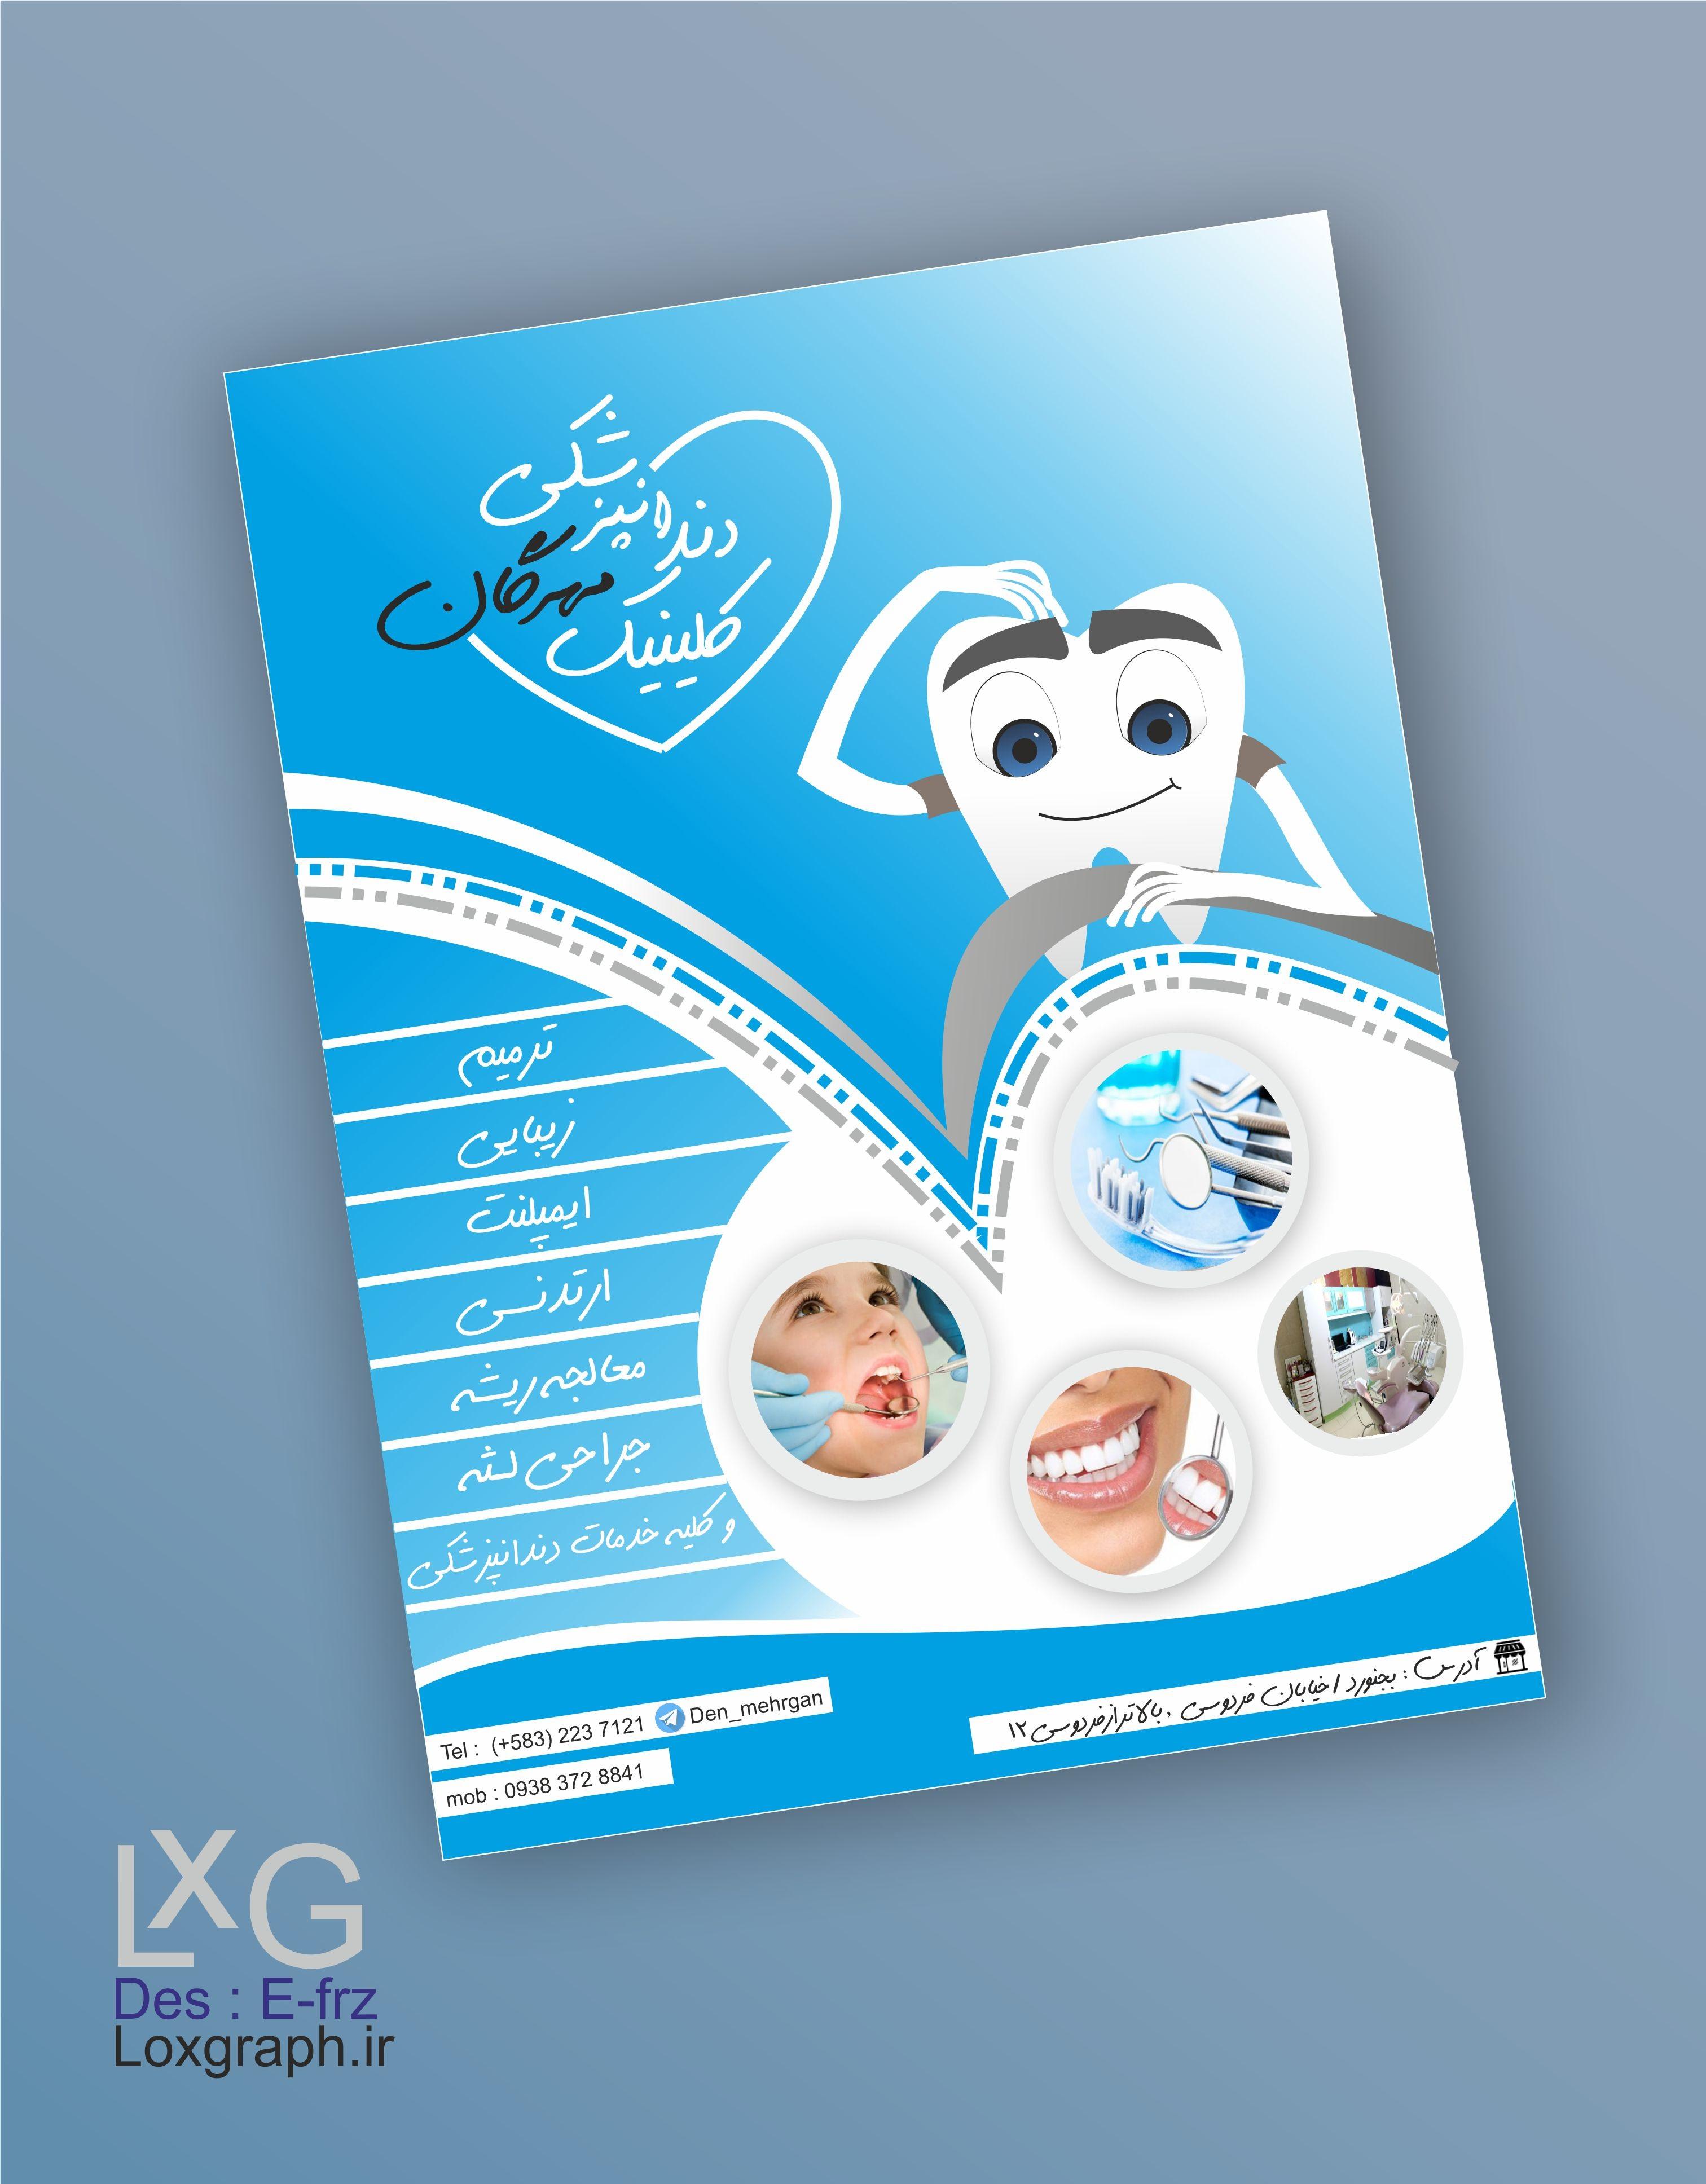 لوکس گراف | طراحی تبلیع دندان پزشکی